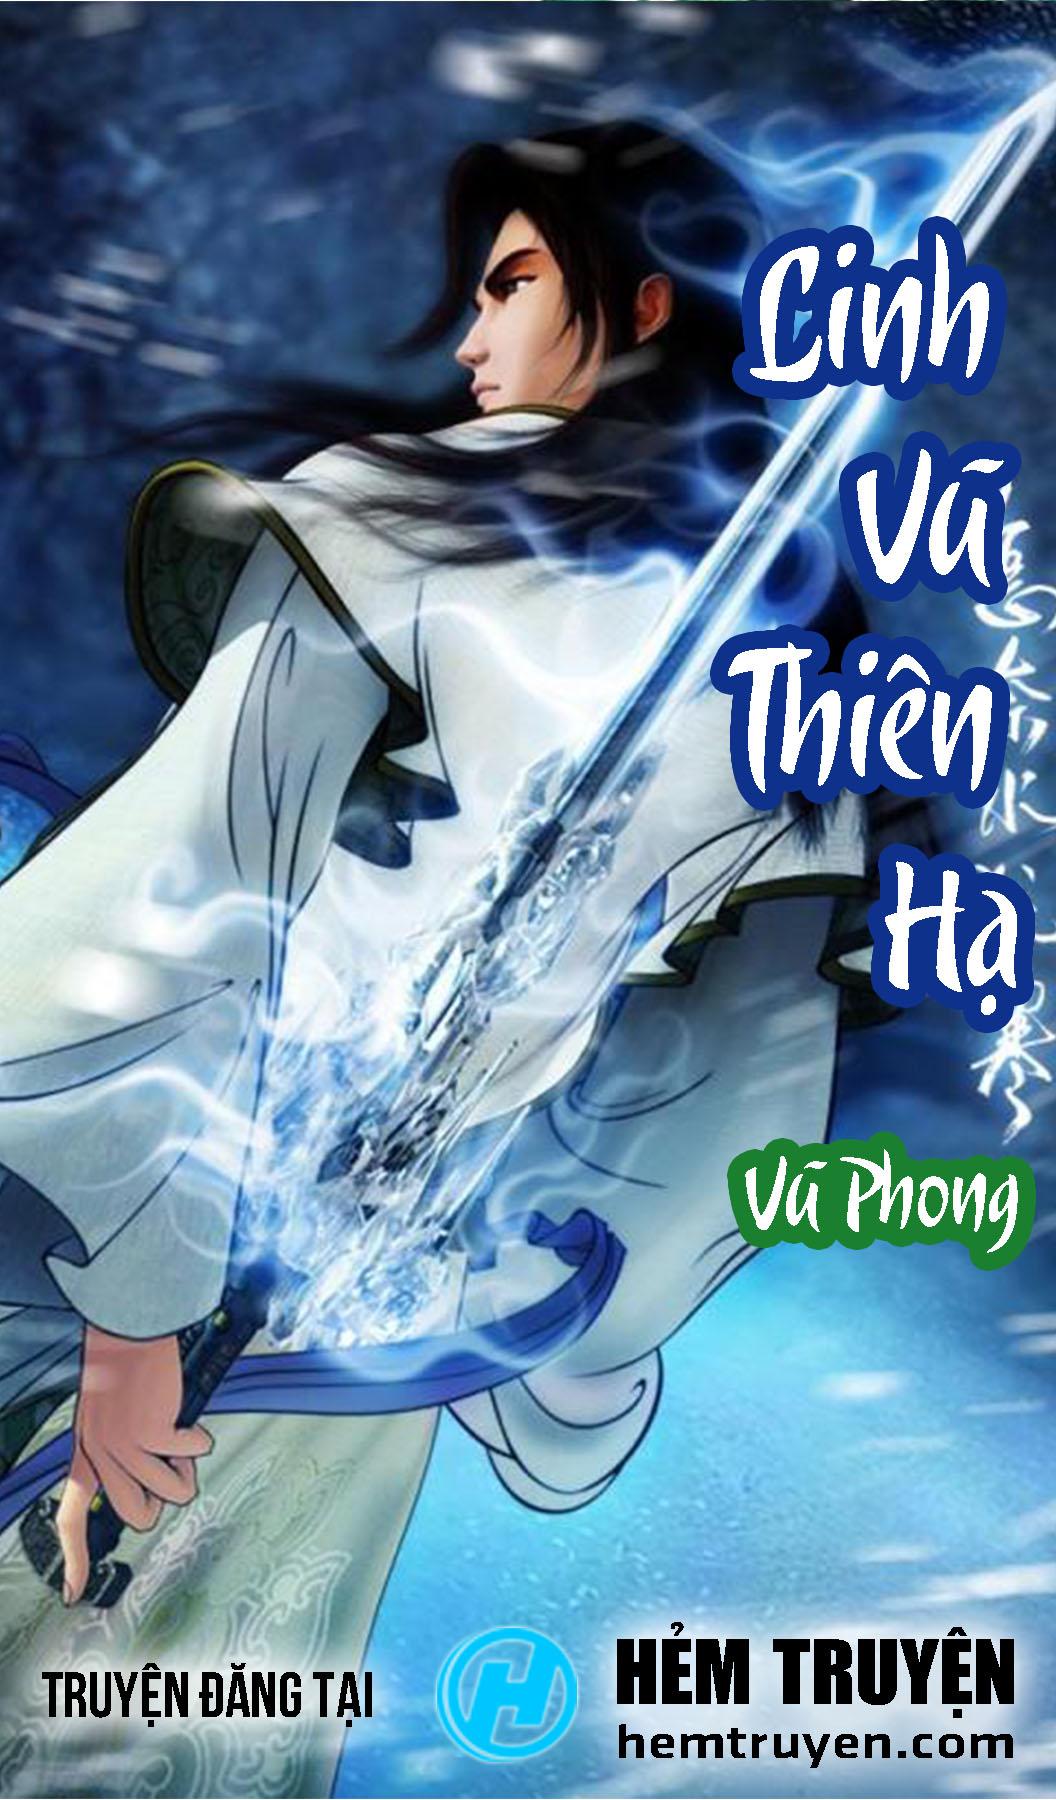 Đọc truyện Linh Vũ Thiên Hạ của Vũ Phong trên HEMTRUYEN.COM